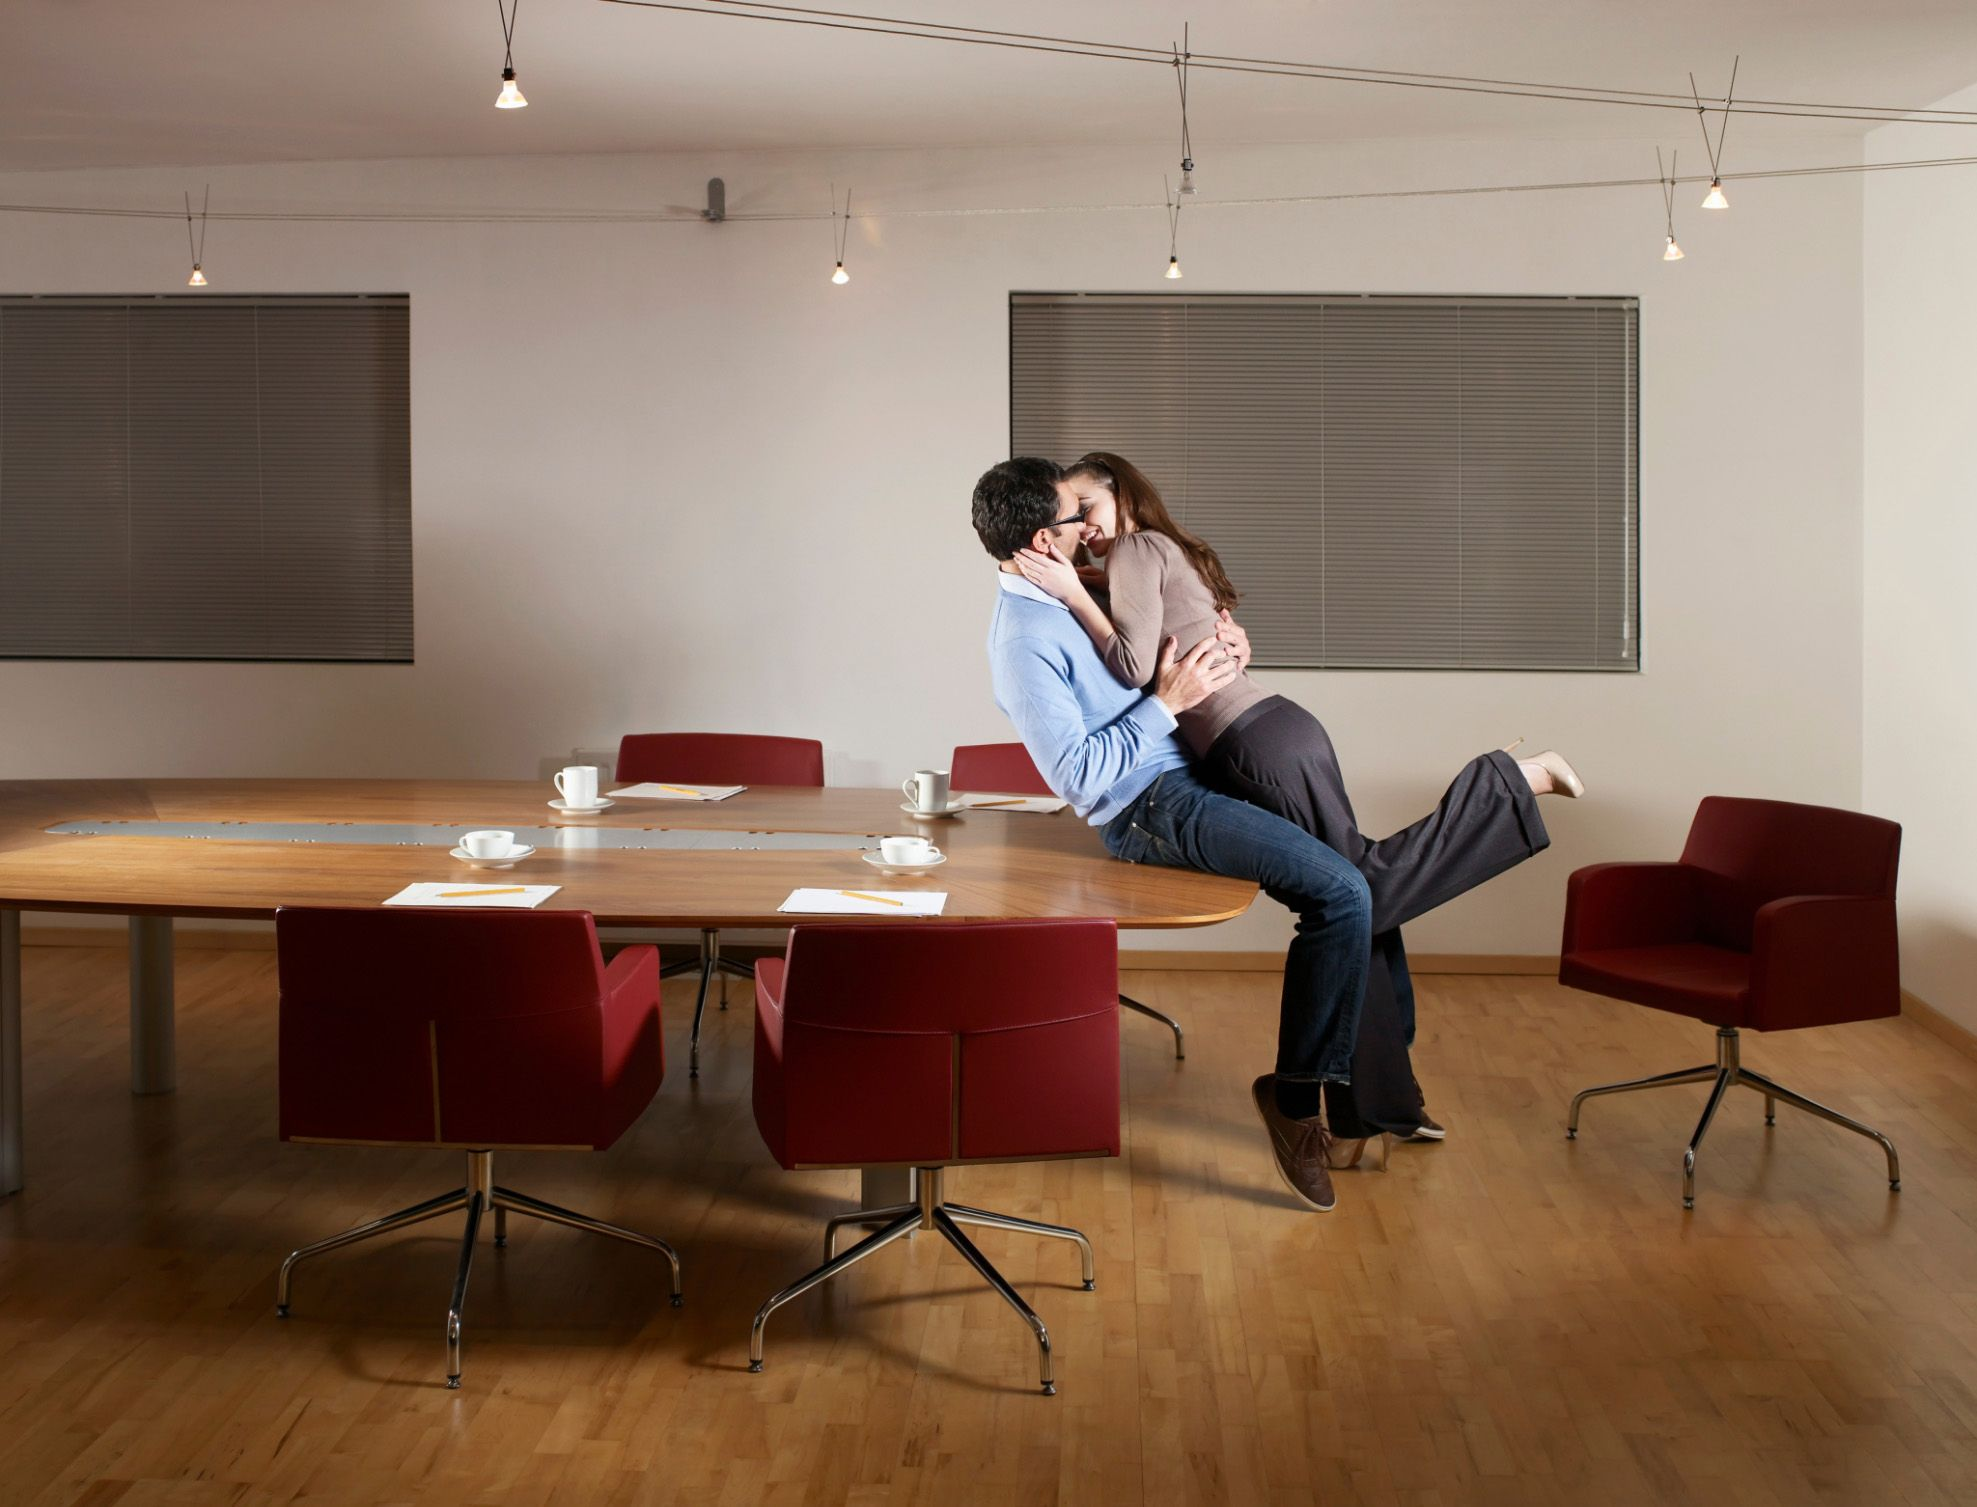 Lesbiennes s'embrasser au bureau